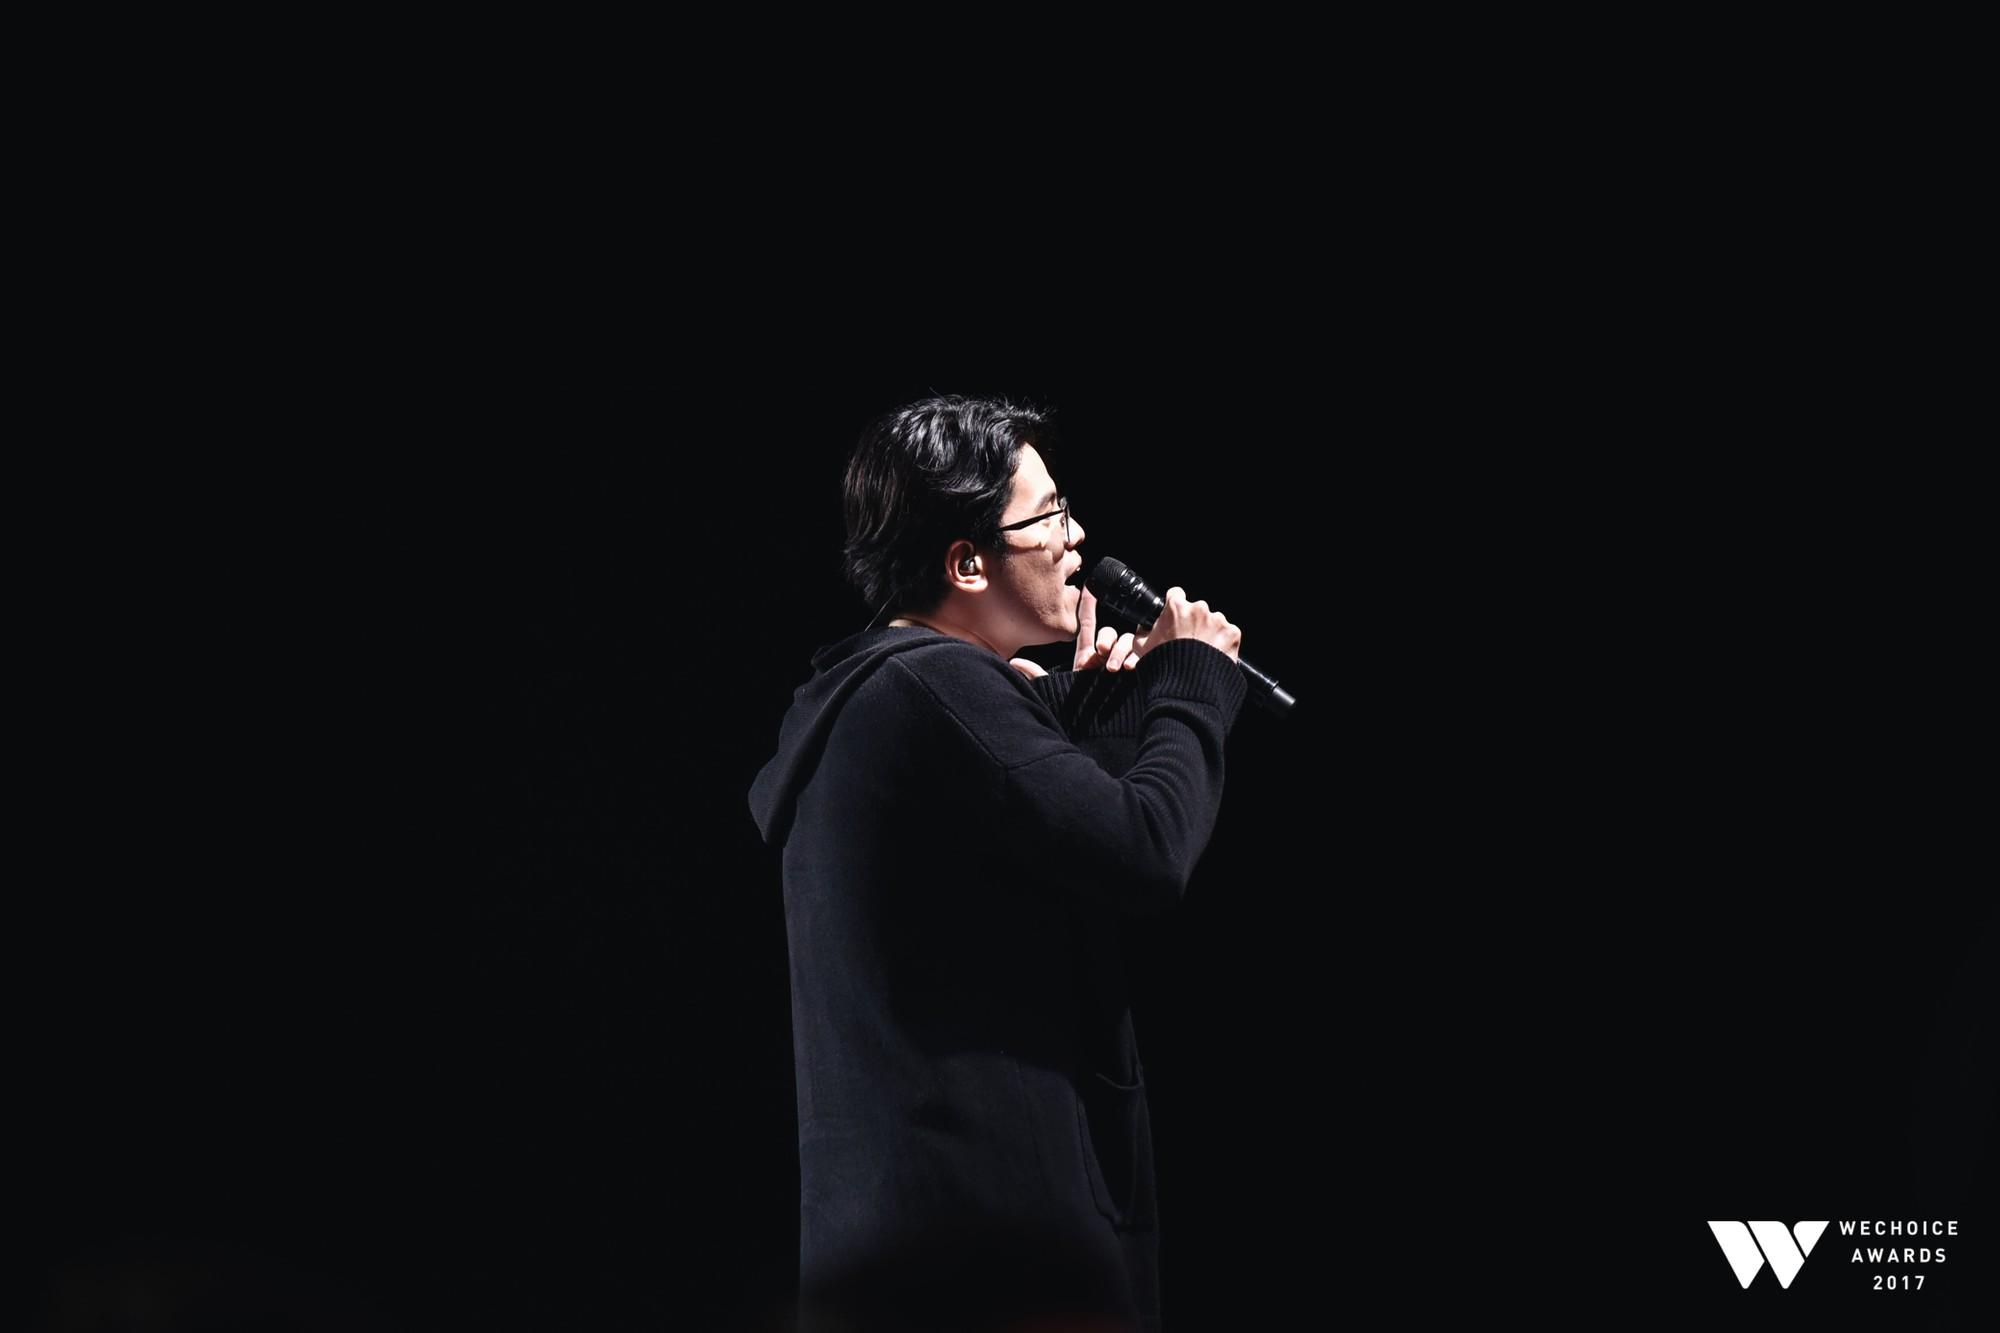 Khoảnh khắc WeChoice Awards: Đẹp nhất là khi Sơn Tùng, bé Bôm và các nghệ sĩ Việt cùng chậm lại trong dòng cảm xúc vỡ òa - Ảnh 45.